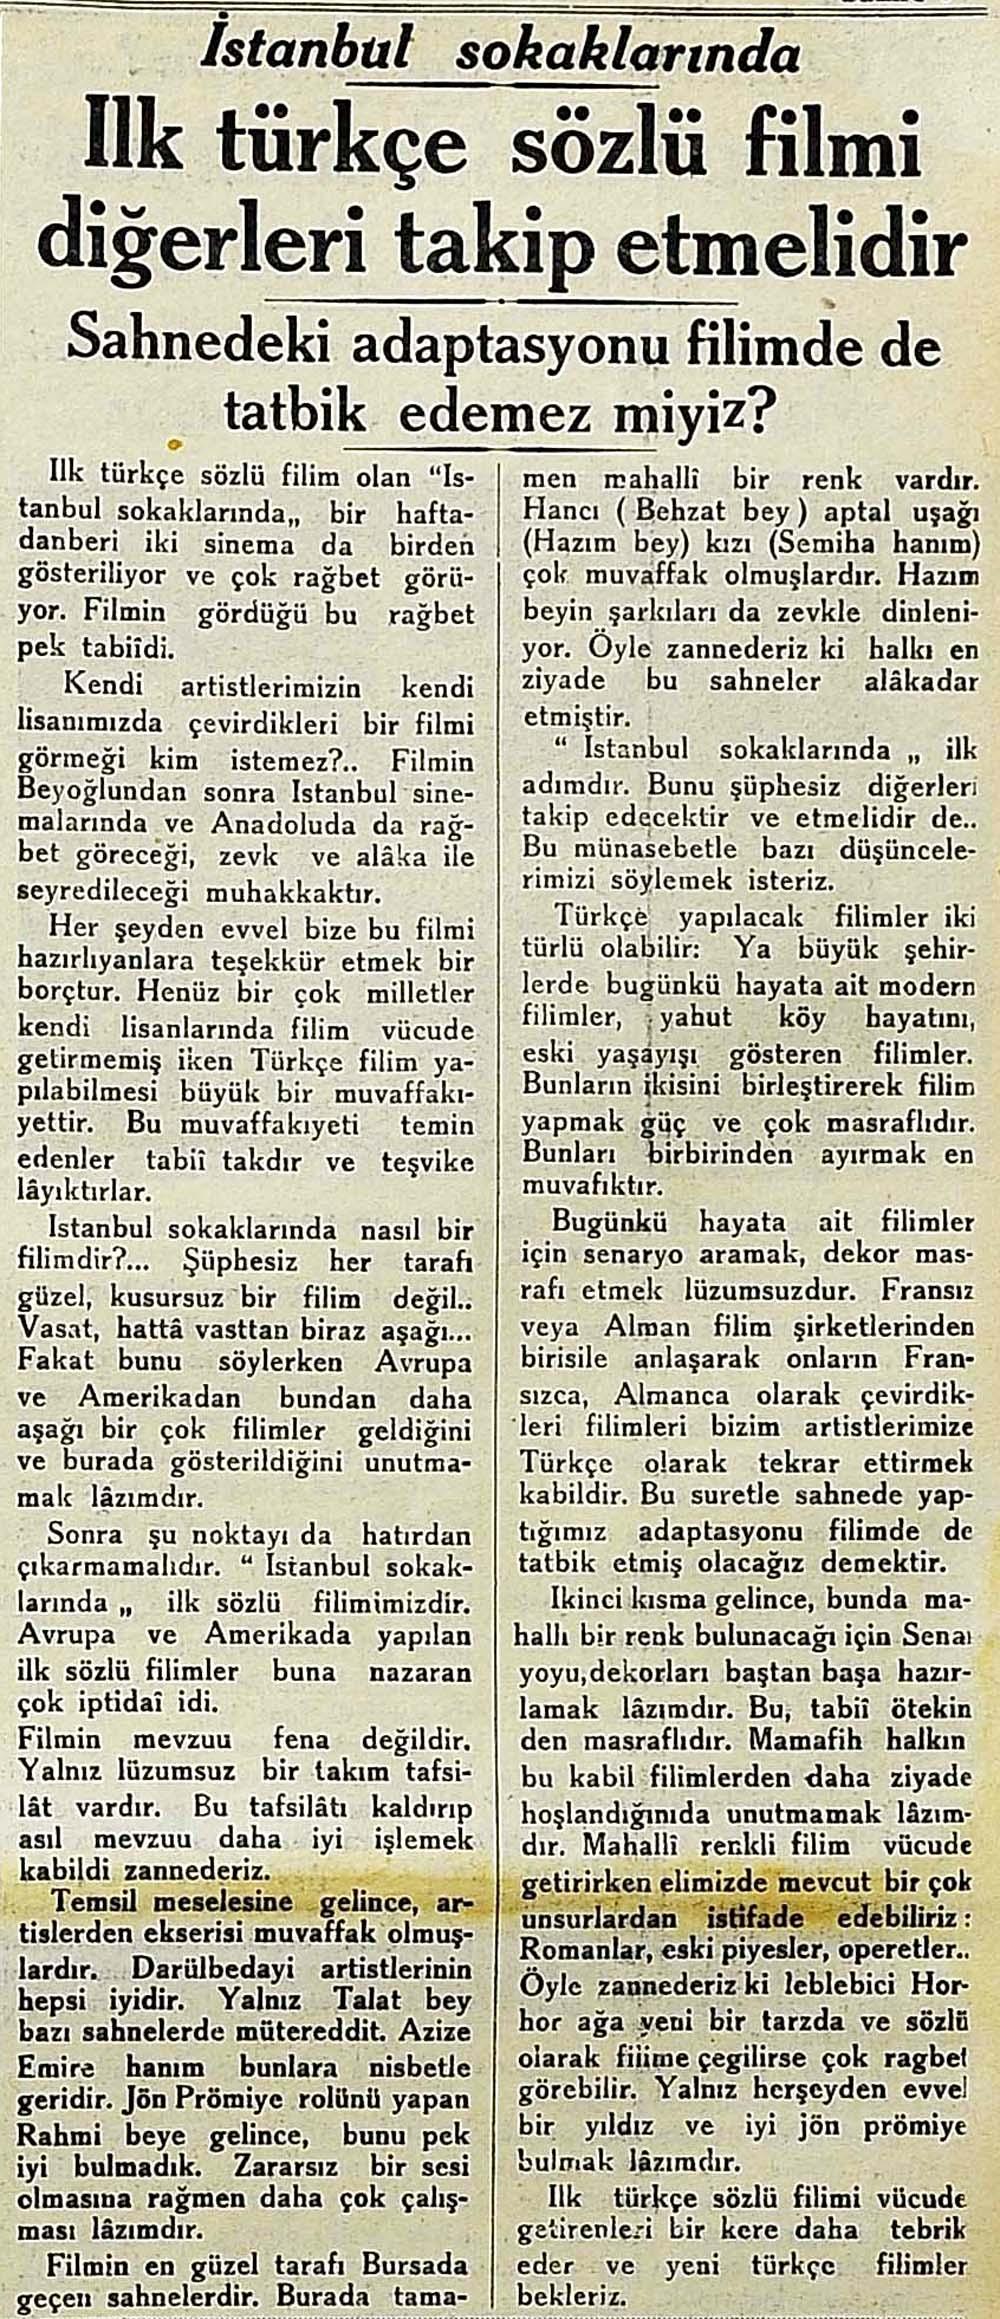 İlk türkçe sözlü filmi diğerleri takip etmelidir